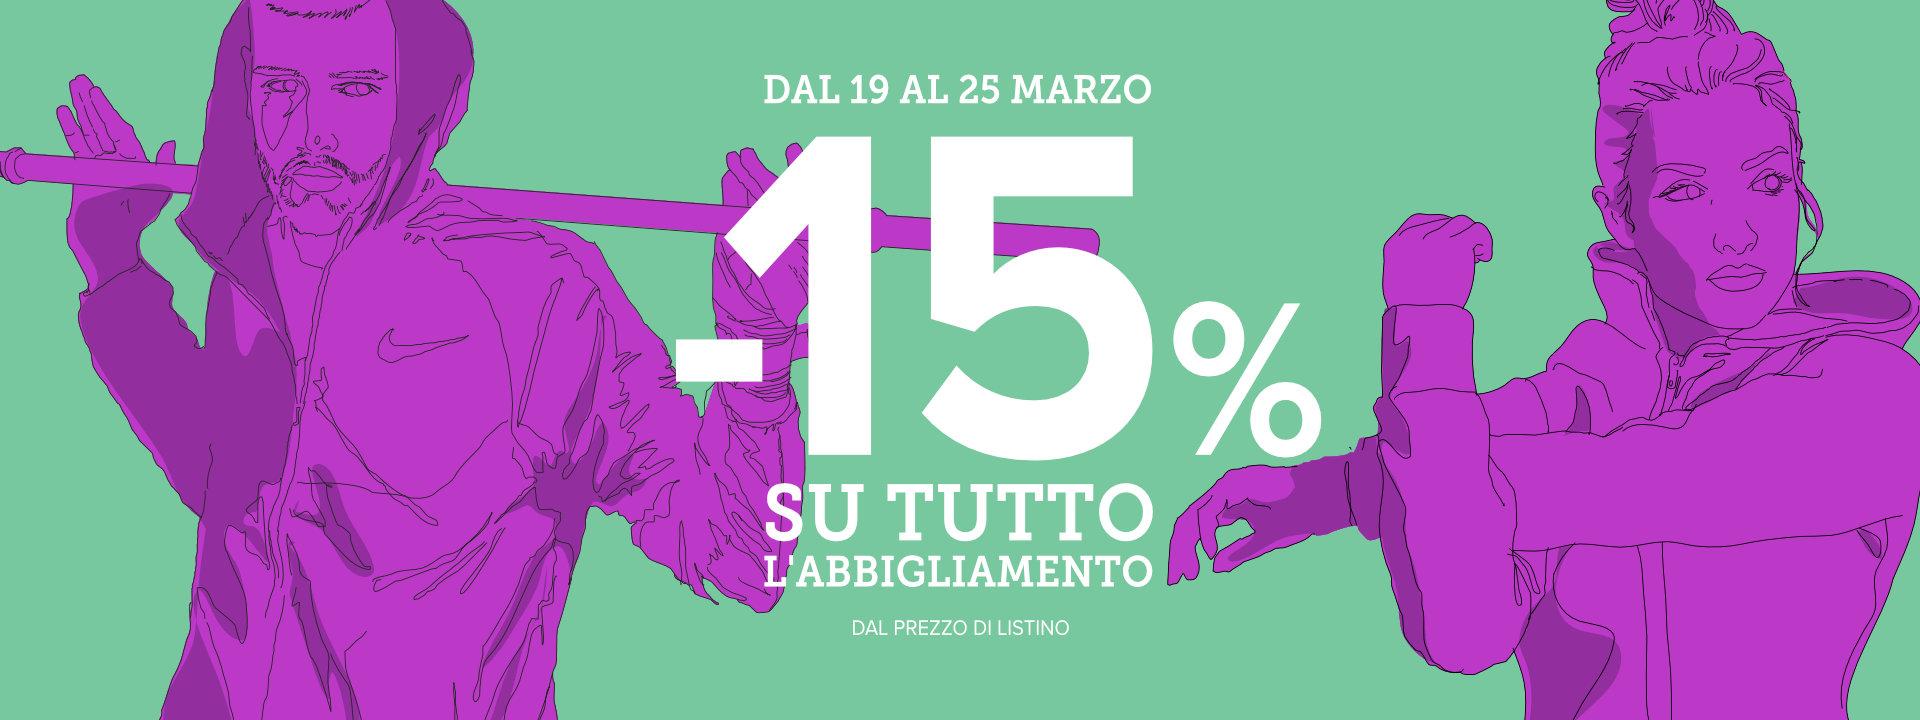 ABBIGLIAMENTO -15%